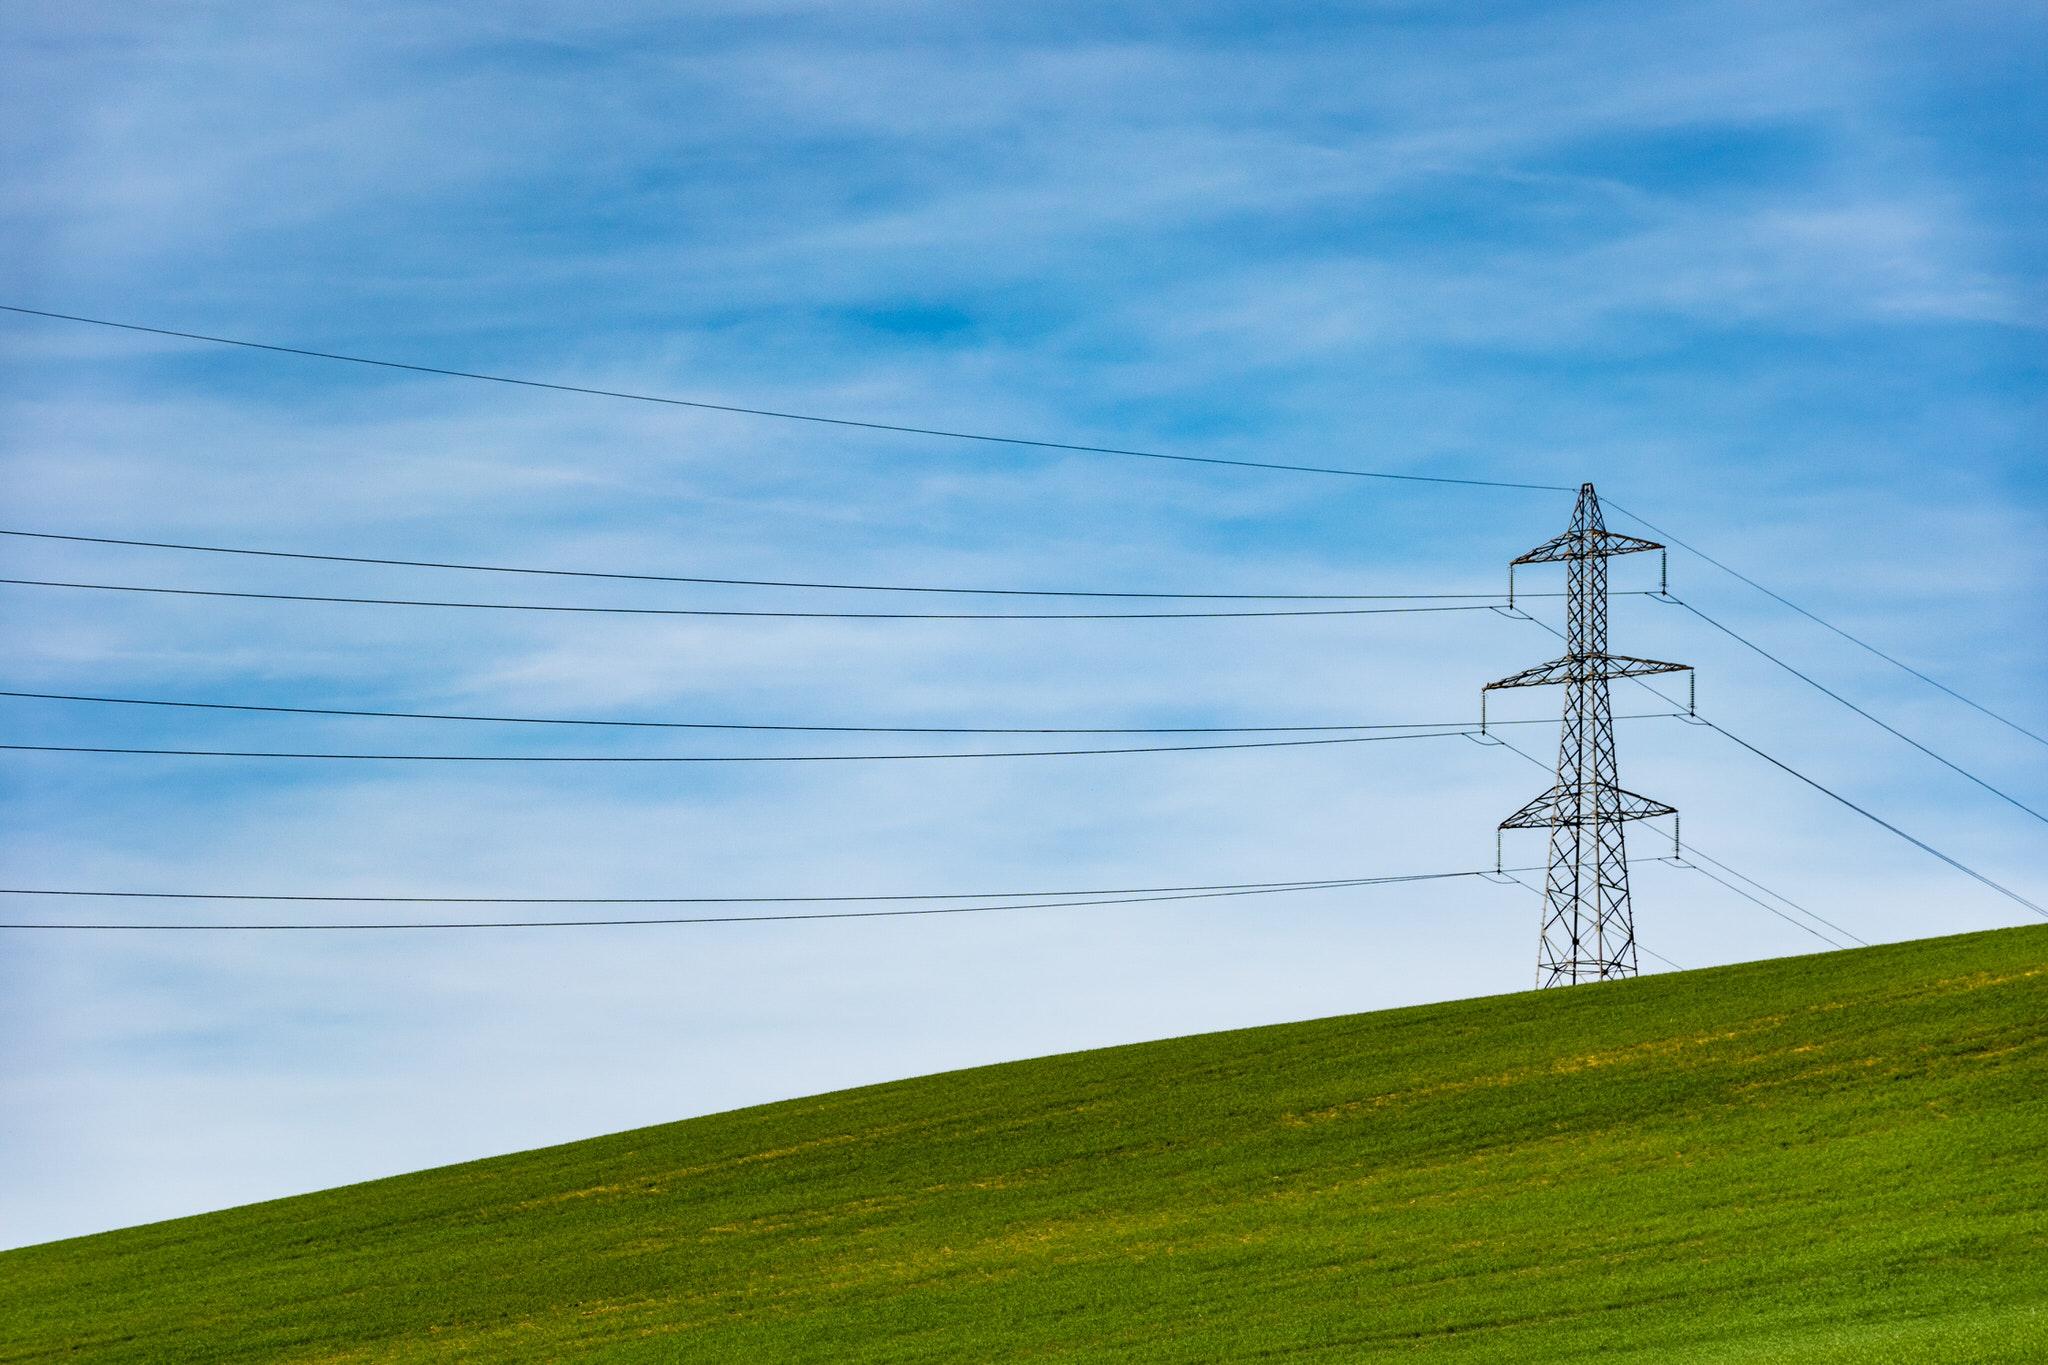 Коротко про ситуацію на ринку електричної енергії